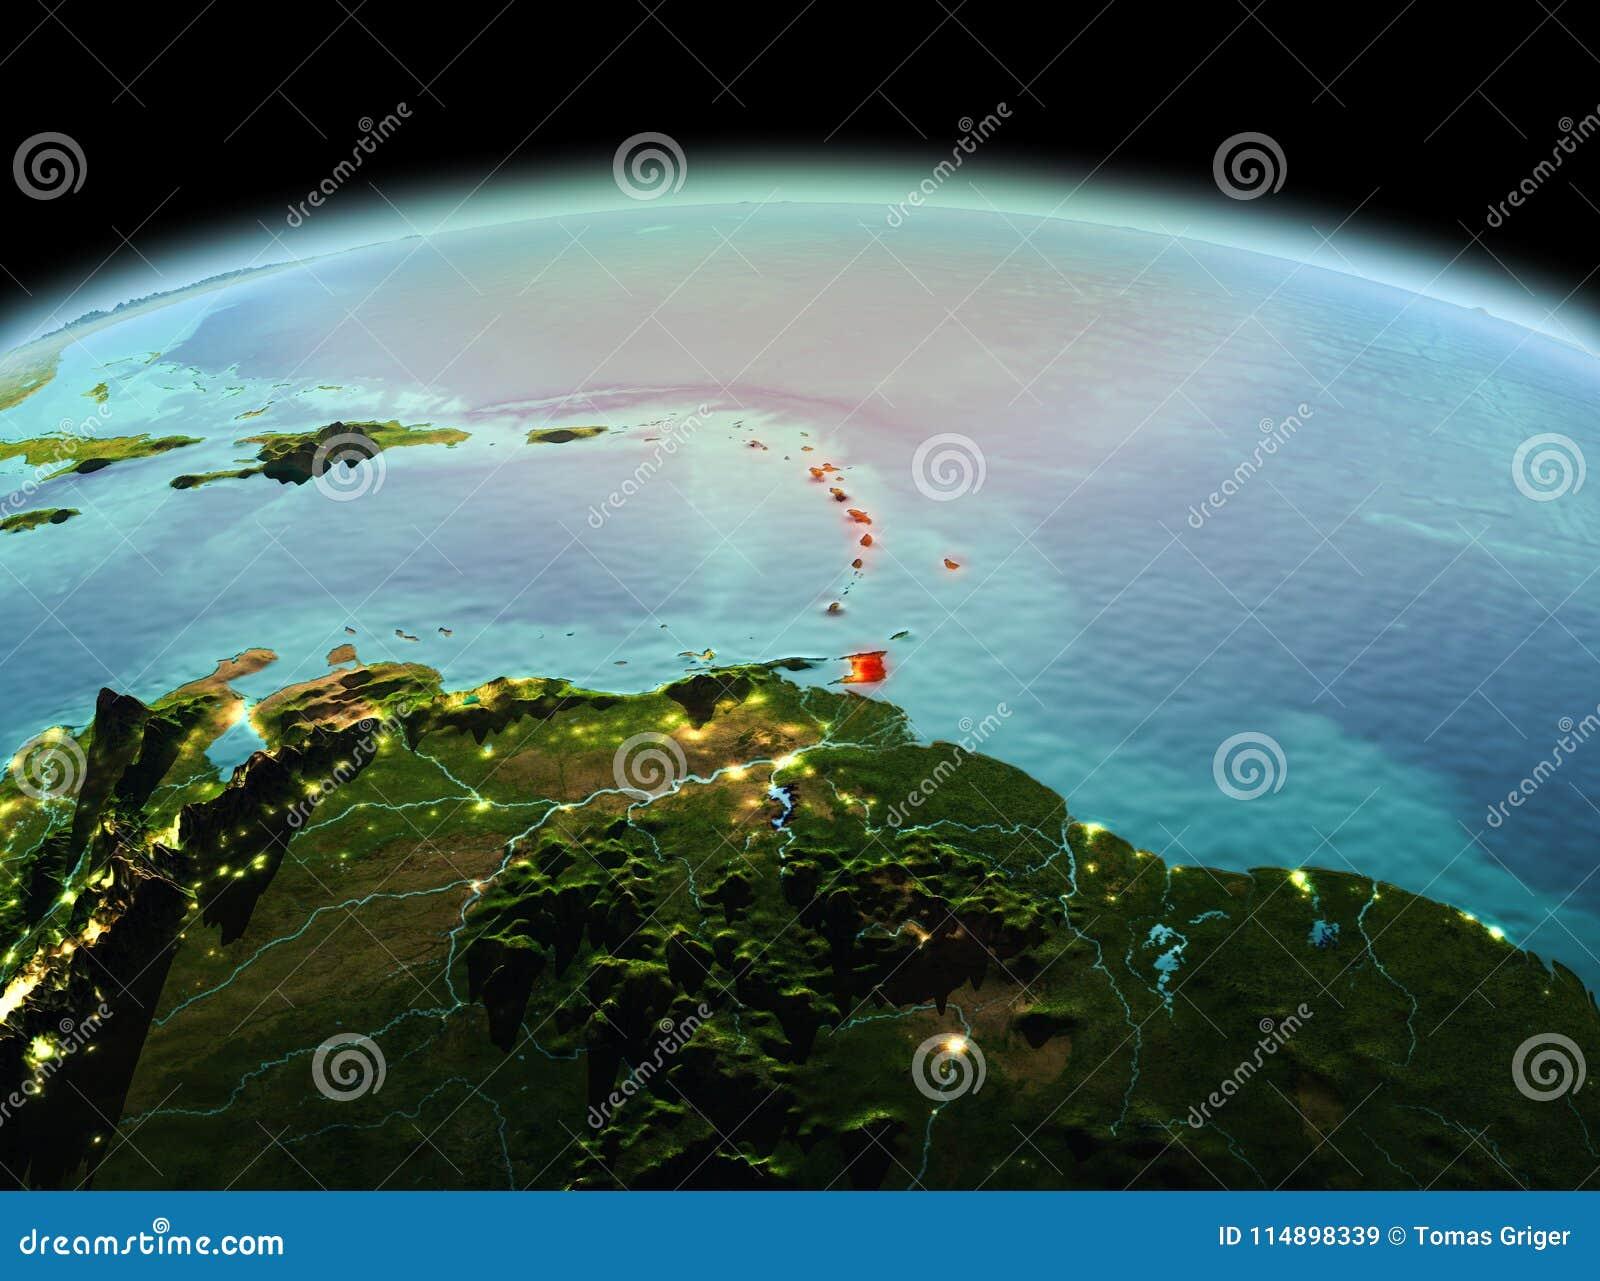 Καραϊβικές Θάλασσες στο πλανήτη Γη στο διάστημα